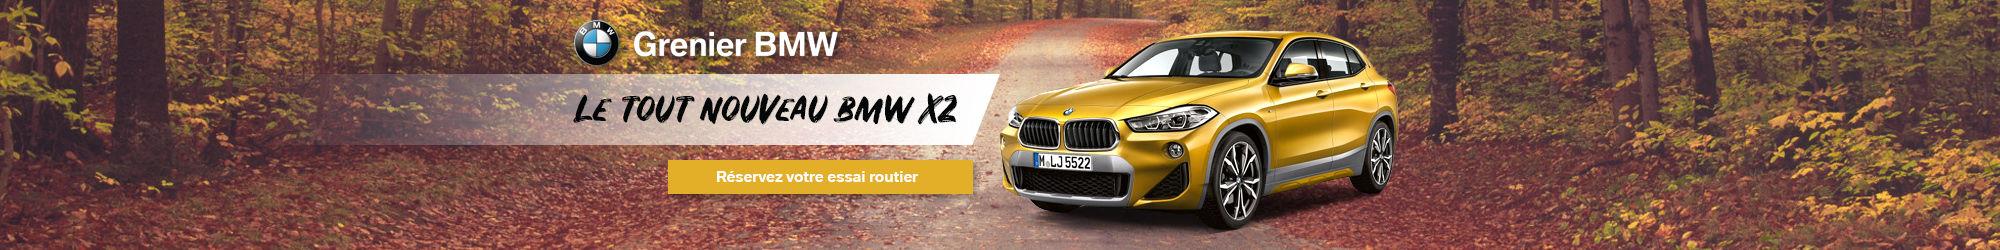 BMW X2 2018 essai routier